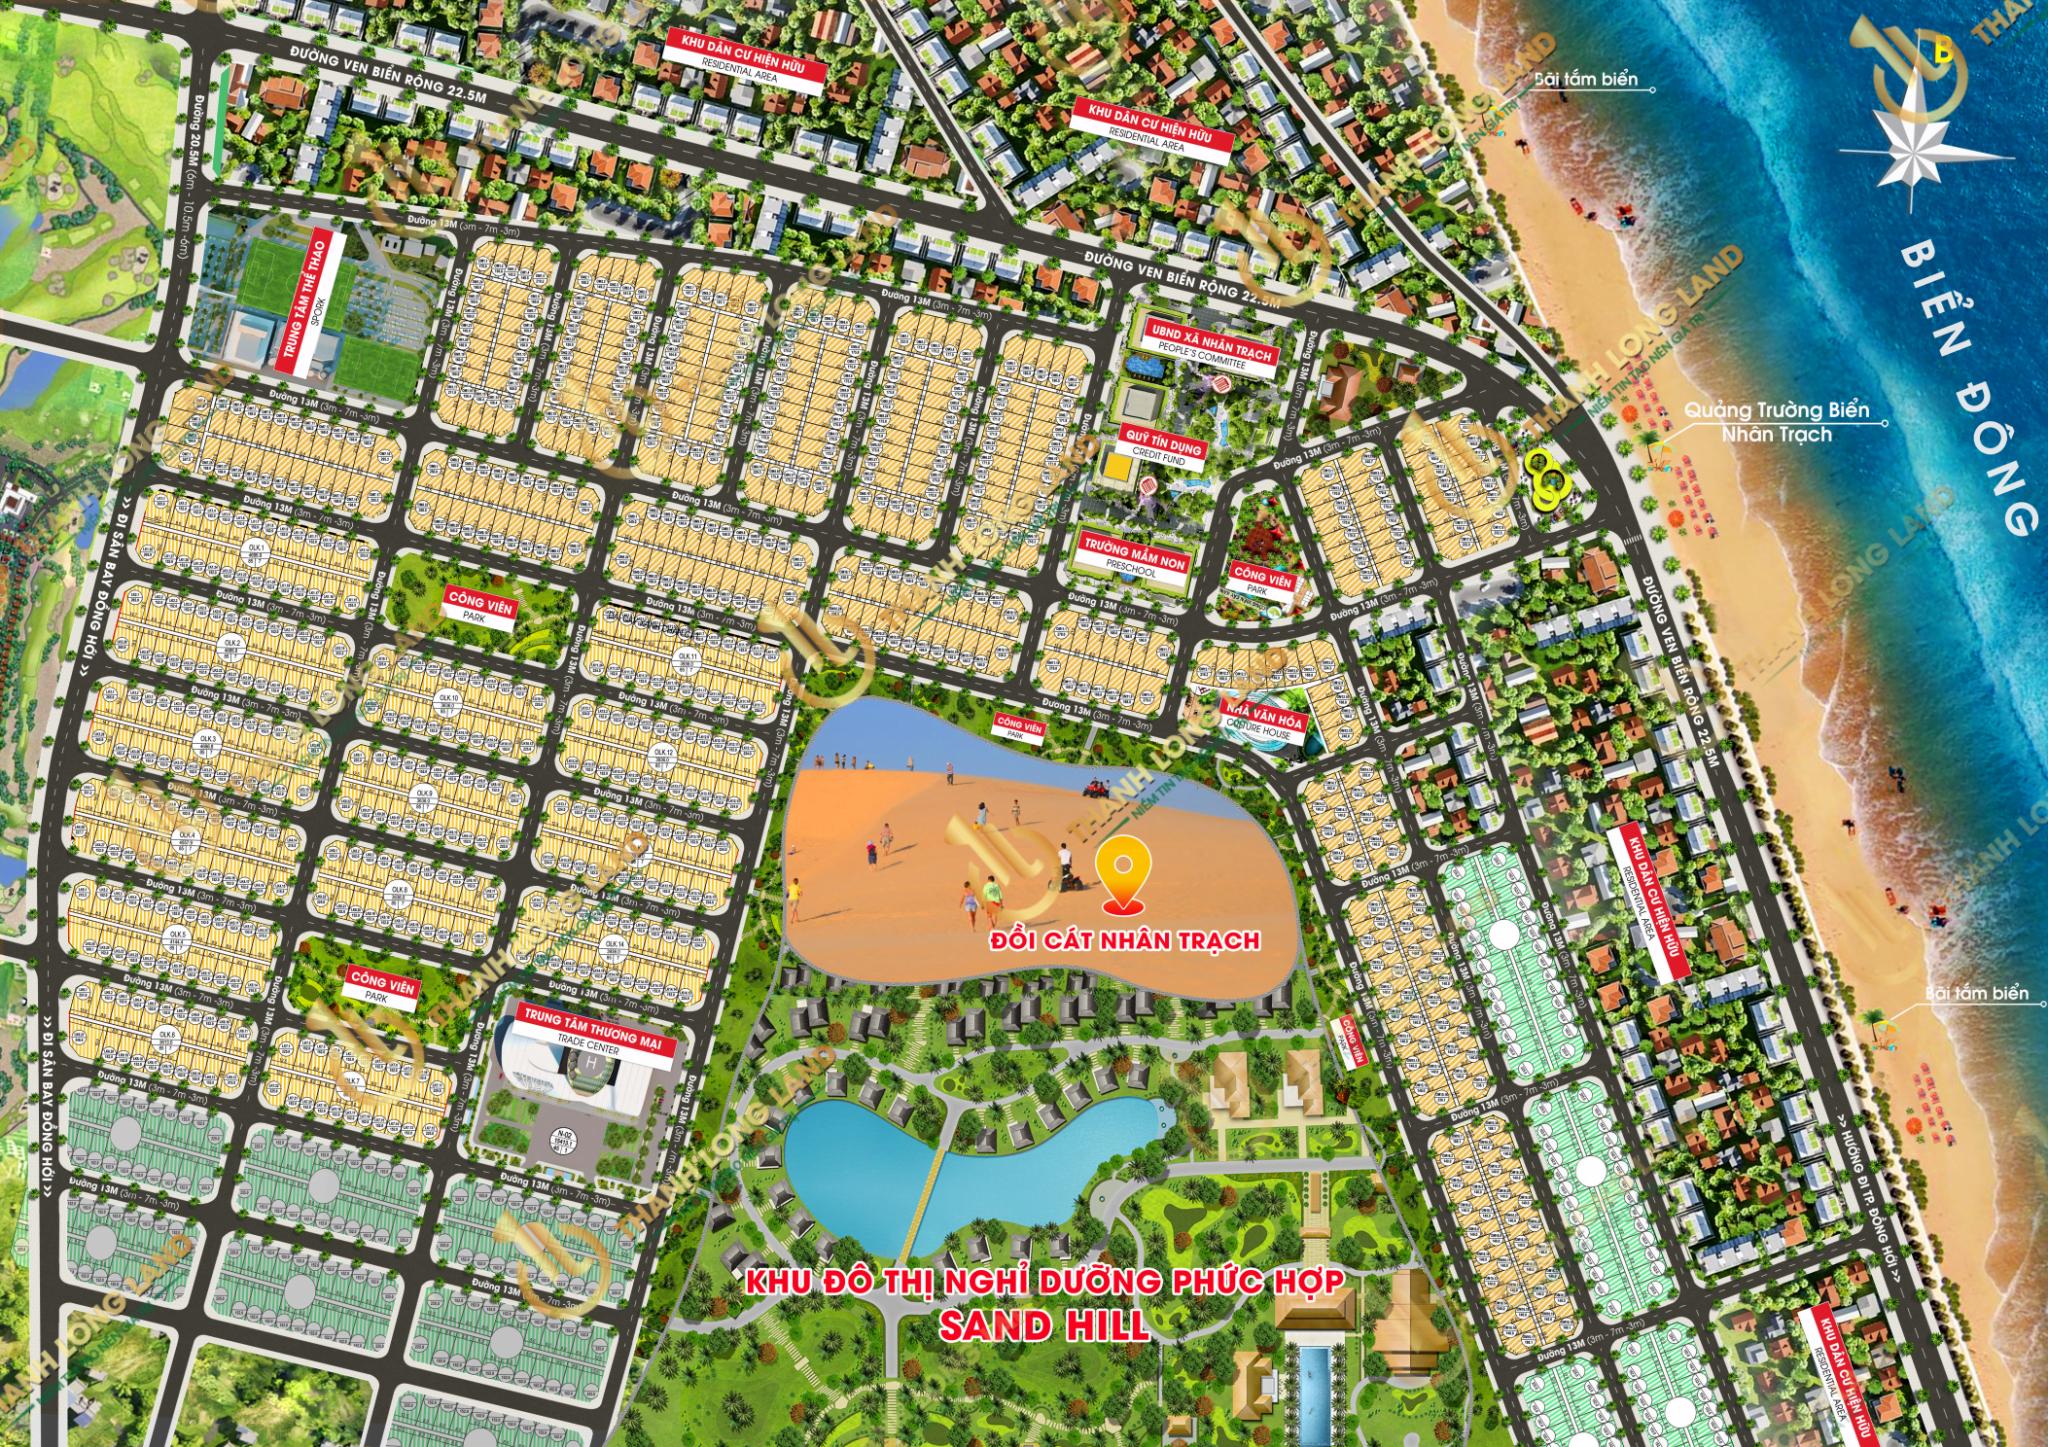 Mặt bằng phân lô dự án đất nền gosabe city quảng bình